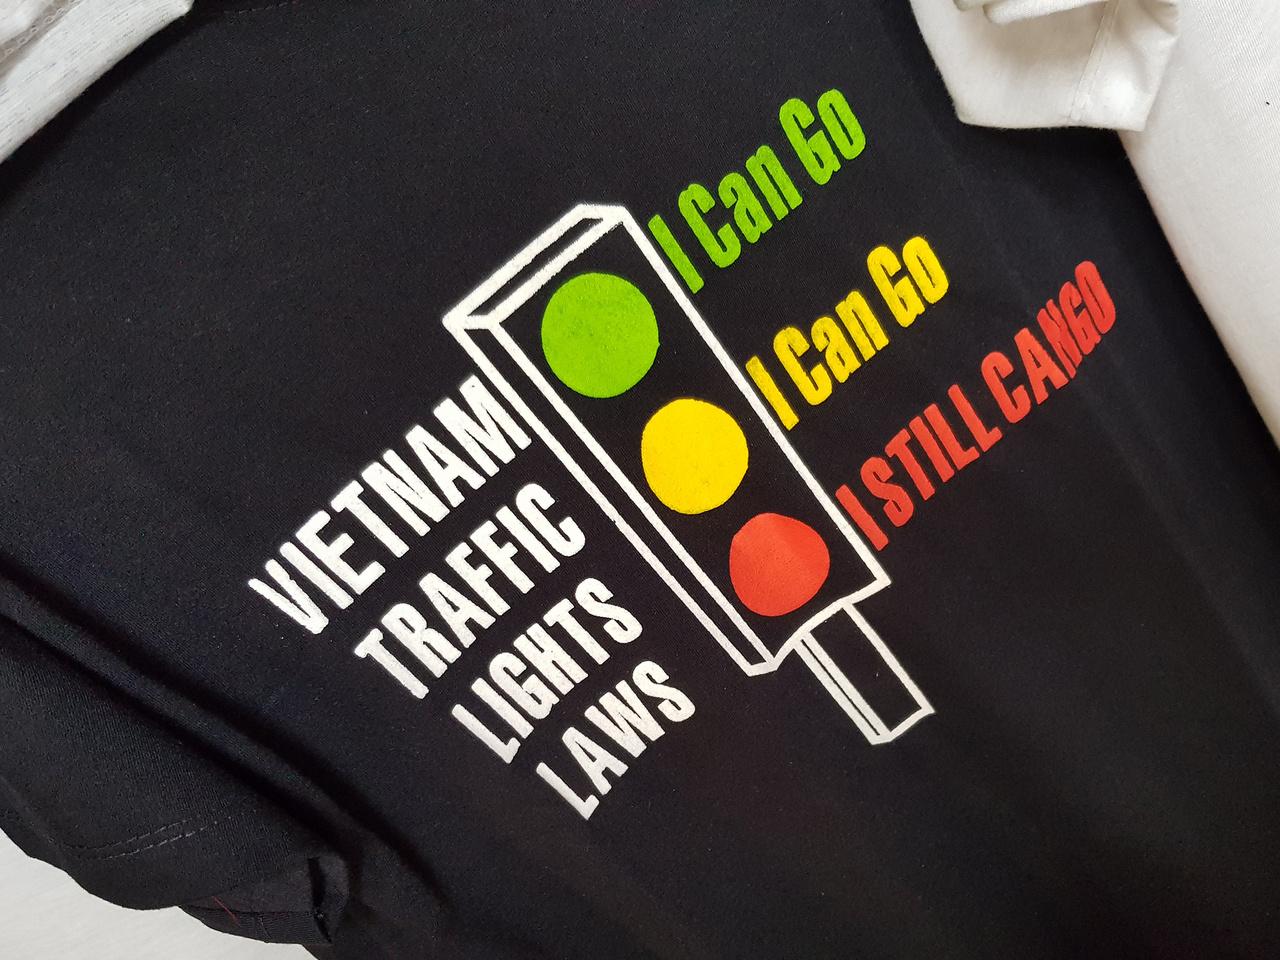 Viccesnek tűnik, de véresen komoly a felirat ezen a pólón: Vietnám közlekedési morálja messze a legdurvább ország azok közül, ahol valaha megfordultam, konkrétan nincs neki olyanja. A piros lámpa leginkább városok többsávos útjain jelent némi visszatartó erőt, egyébként minden szabályt a lehető legvastagabban szarnak le a helyiek. Talán az sem véletlen, hogy külföldi nem vezethet autót a máig szocialista országban, el sem ismerik az általunk is használt nemzetközi jogosítványt. Egyébként a szocializmus finoman jelenik meg a mindennapokban, zászlókon, plakátokon és a fájdalmasan szoci tévéműsorokon lehet leginkább észrevenni, hogy hol is járunk valójában